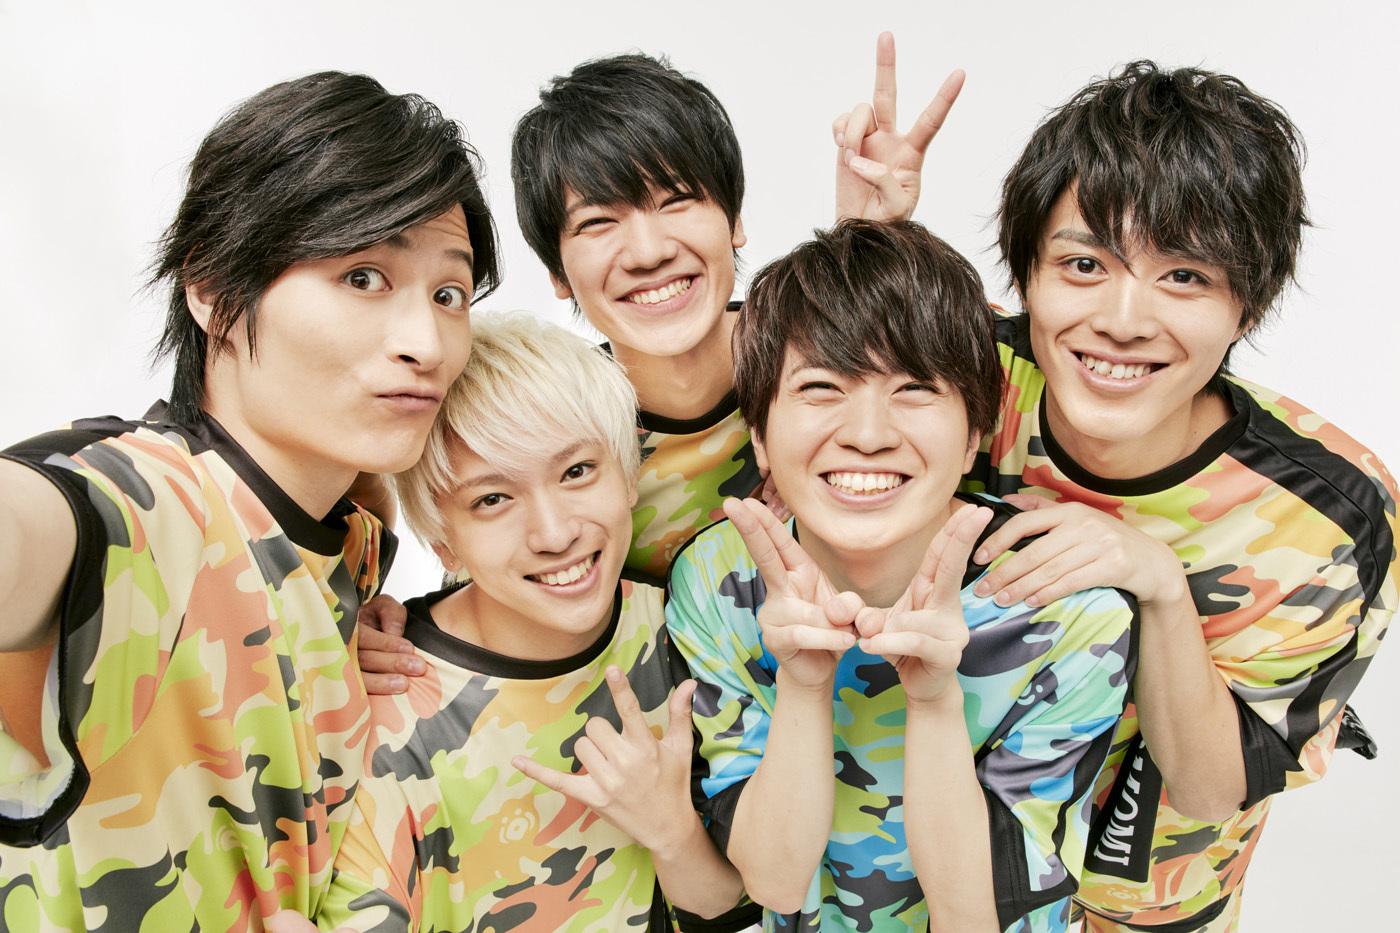 桃実高校集合 (C)FUTSAL BOYS!!!!! ORIGINAL WORK